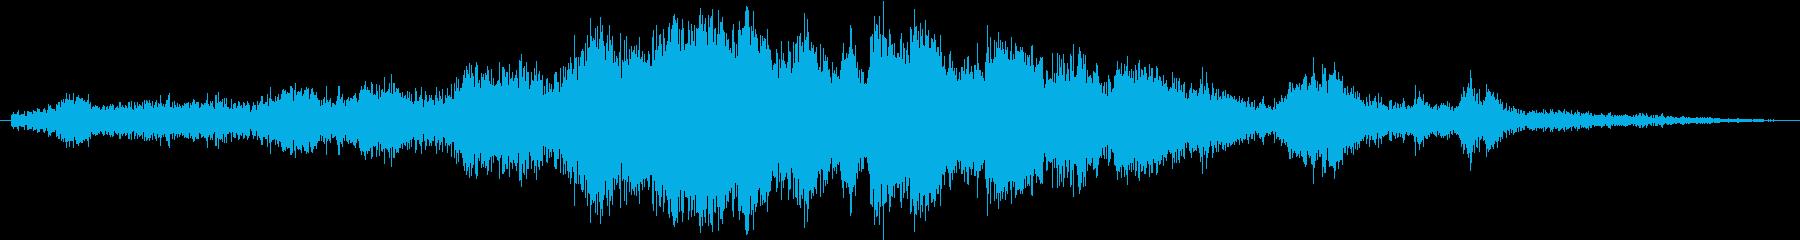 【SF】宇宙のノイズの再生済みの波形